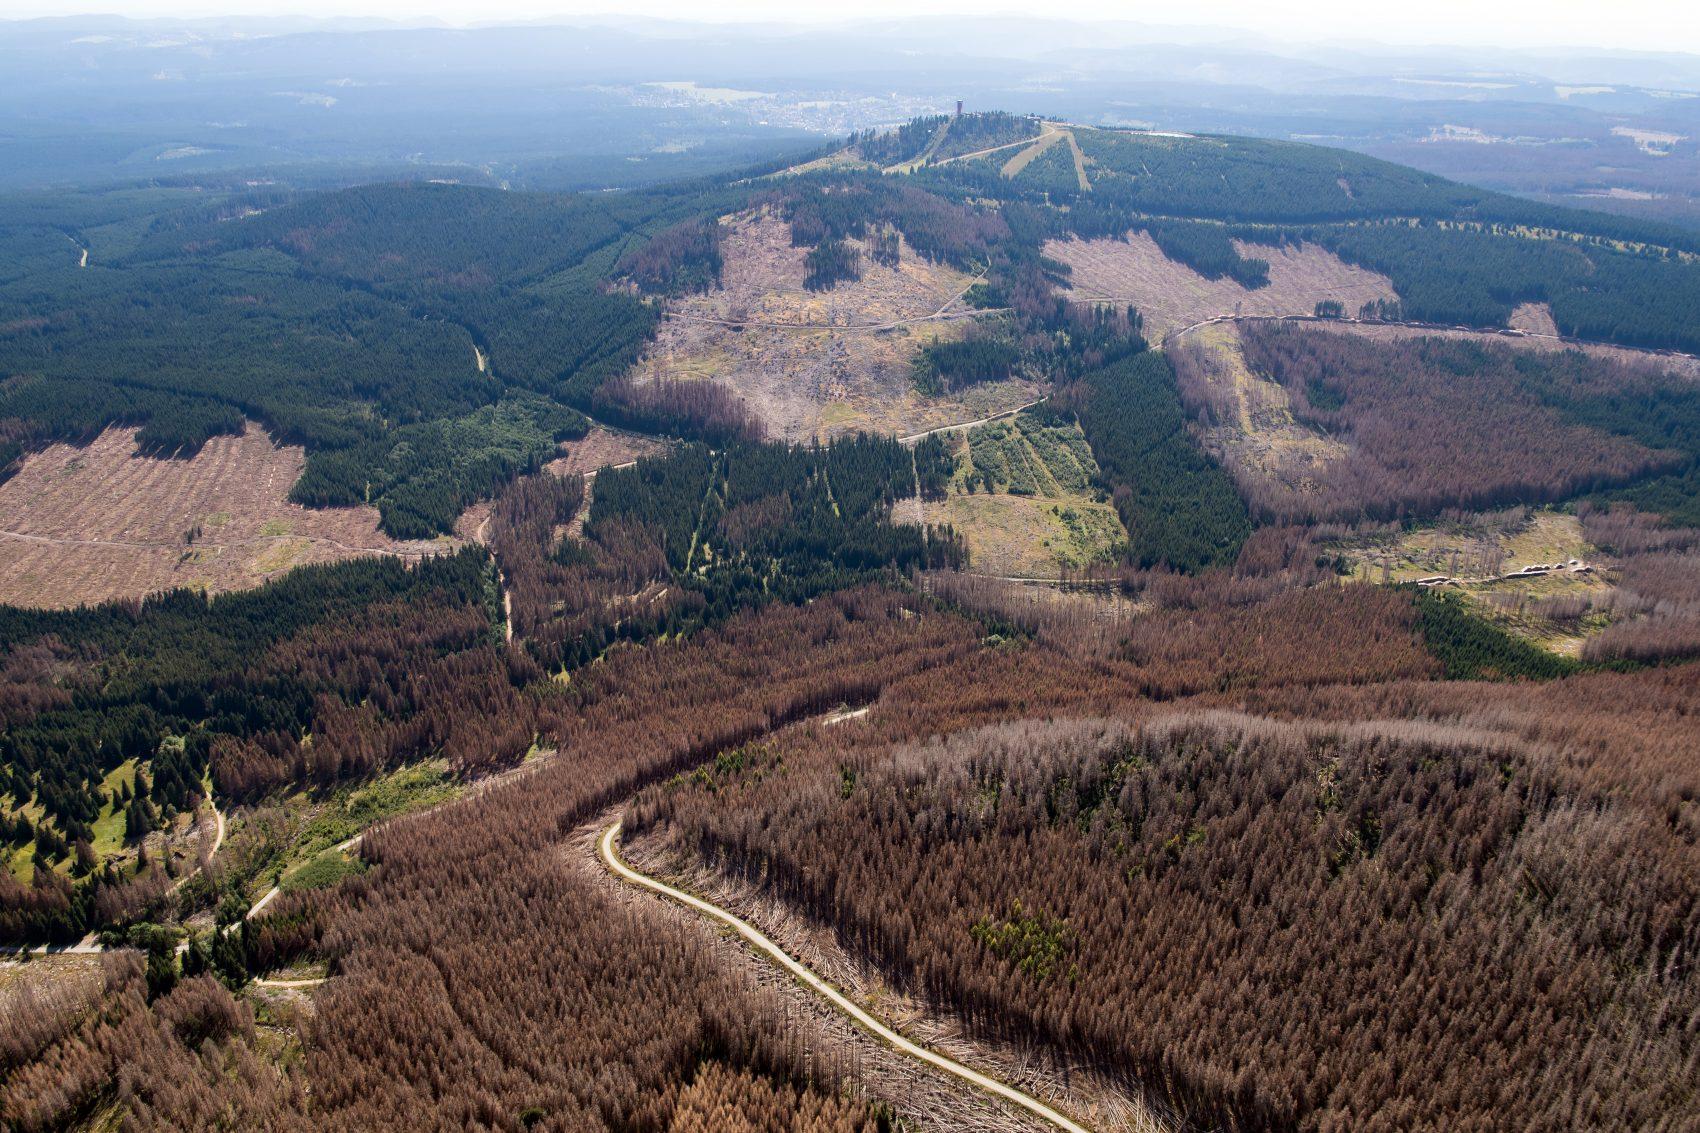 Alemanha com partes sem árvores: secas prolongadas e falta de umidade no ar tornam mais difícil recuperação da natureza (Foto: Swen Pförtner/DPA)